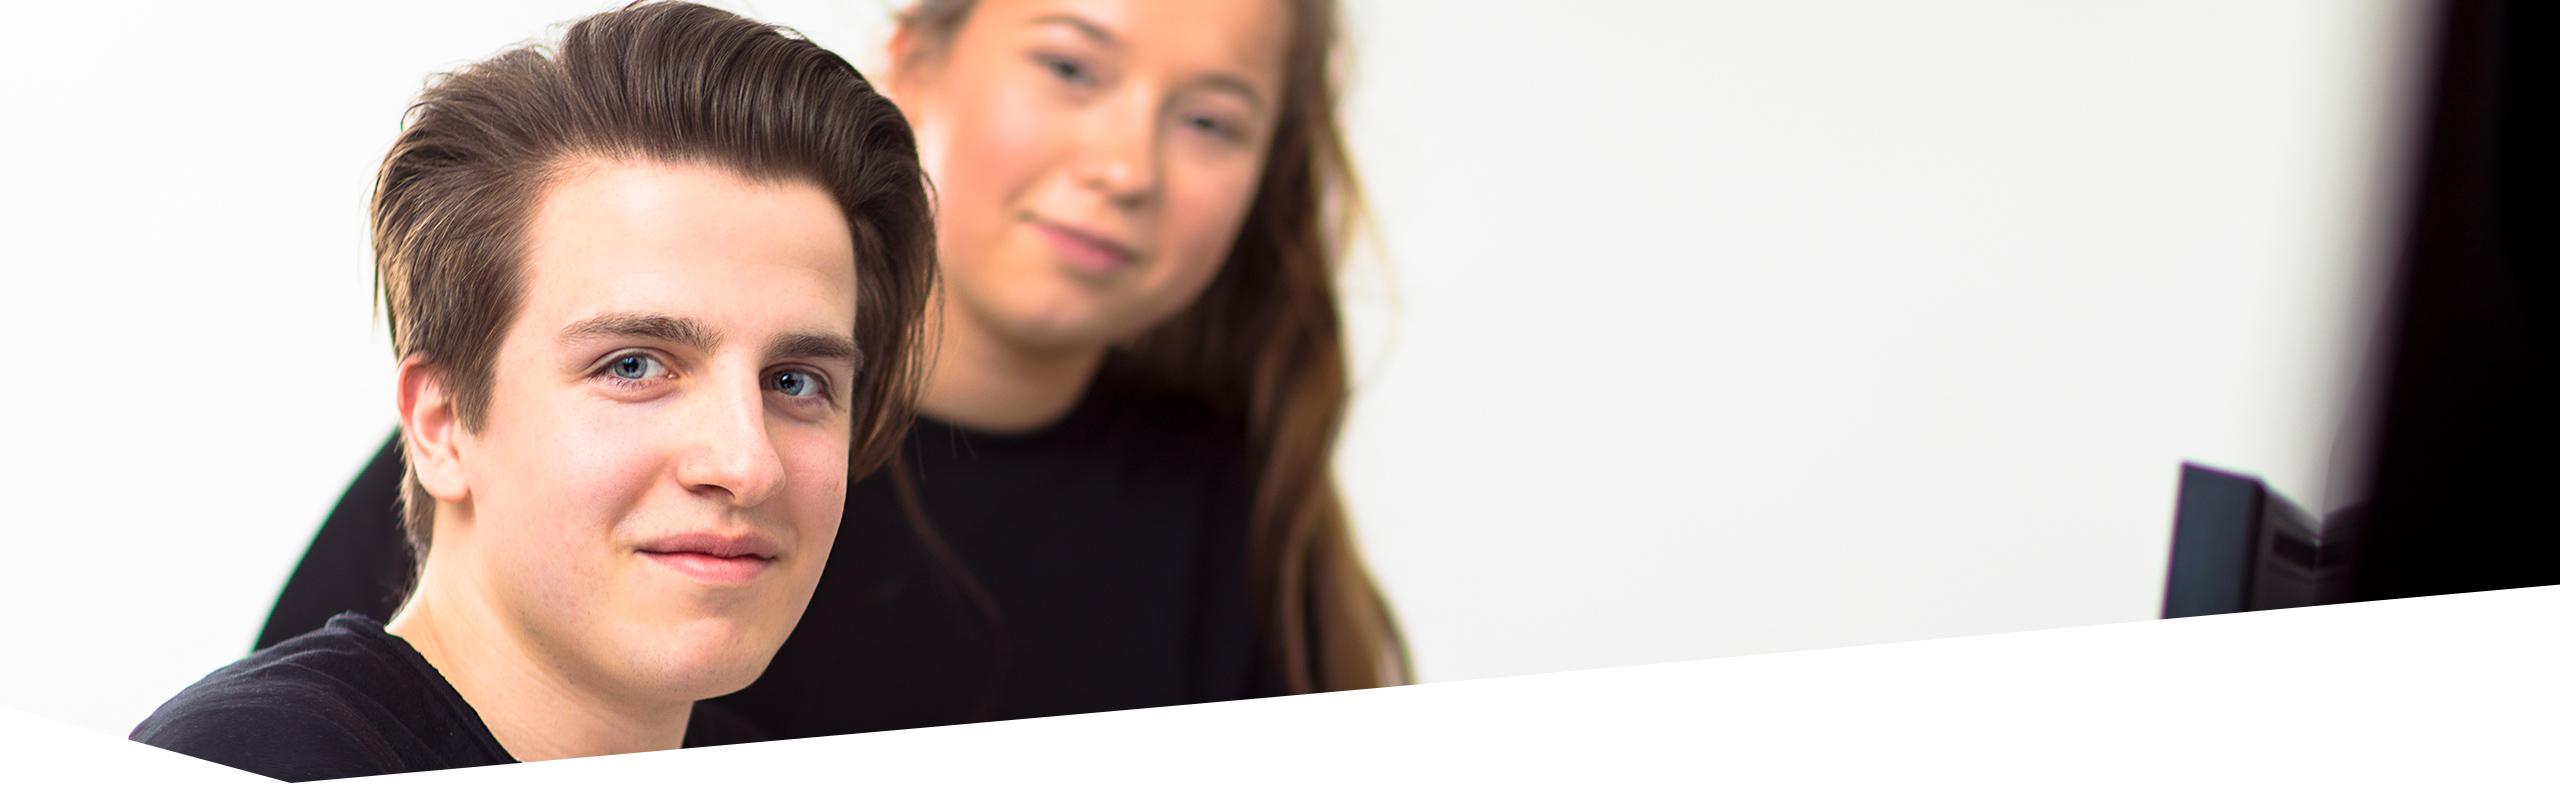 Schüler und Schülerin der Dr. Buhmann Schule und Akademie, die den Betrachter anlächeln